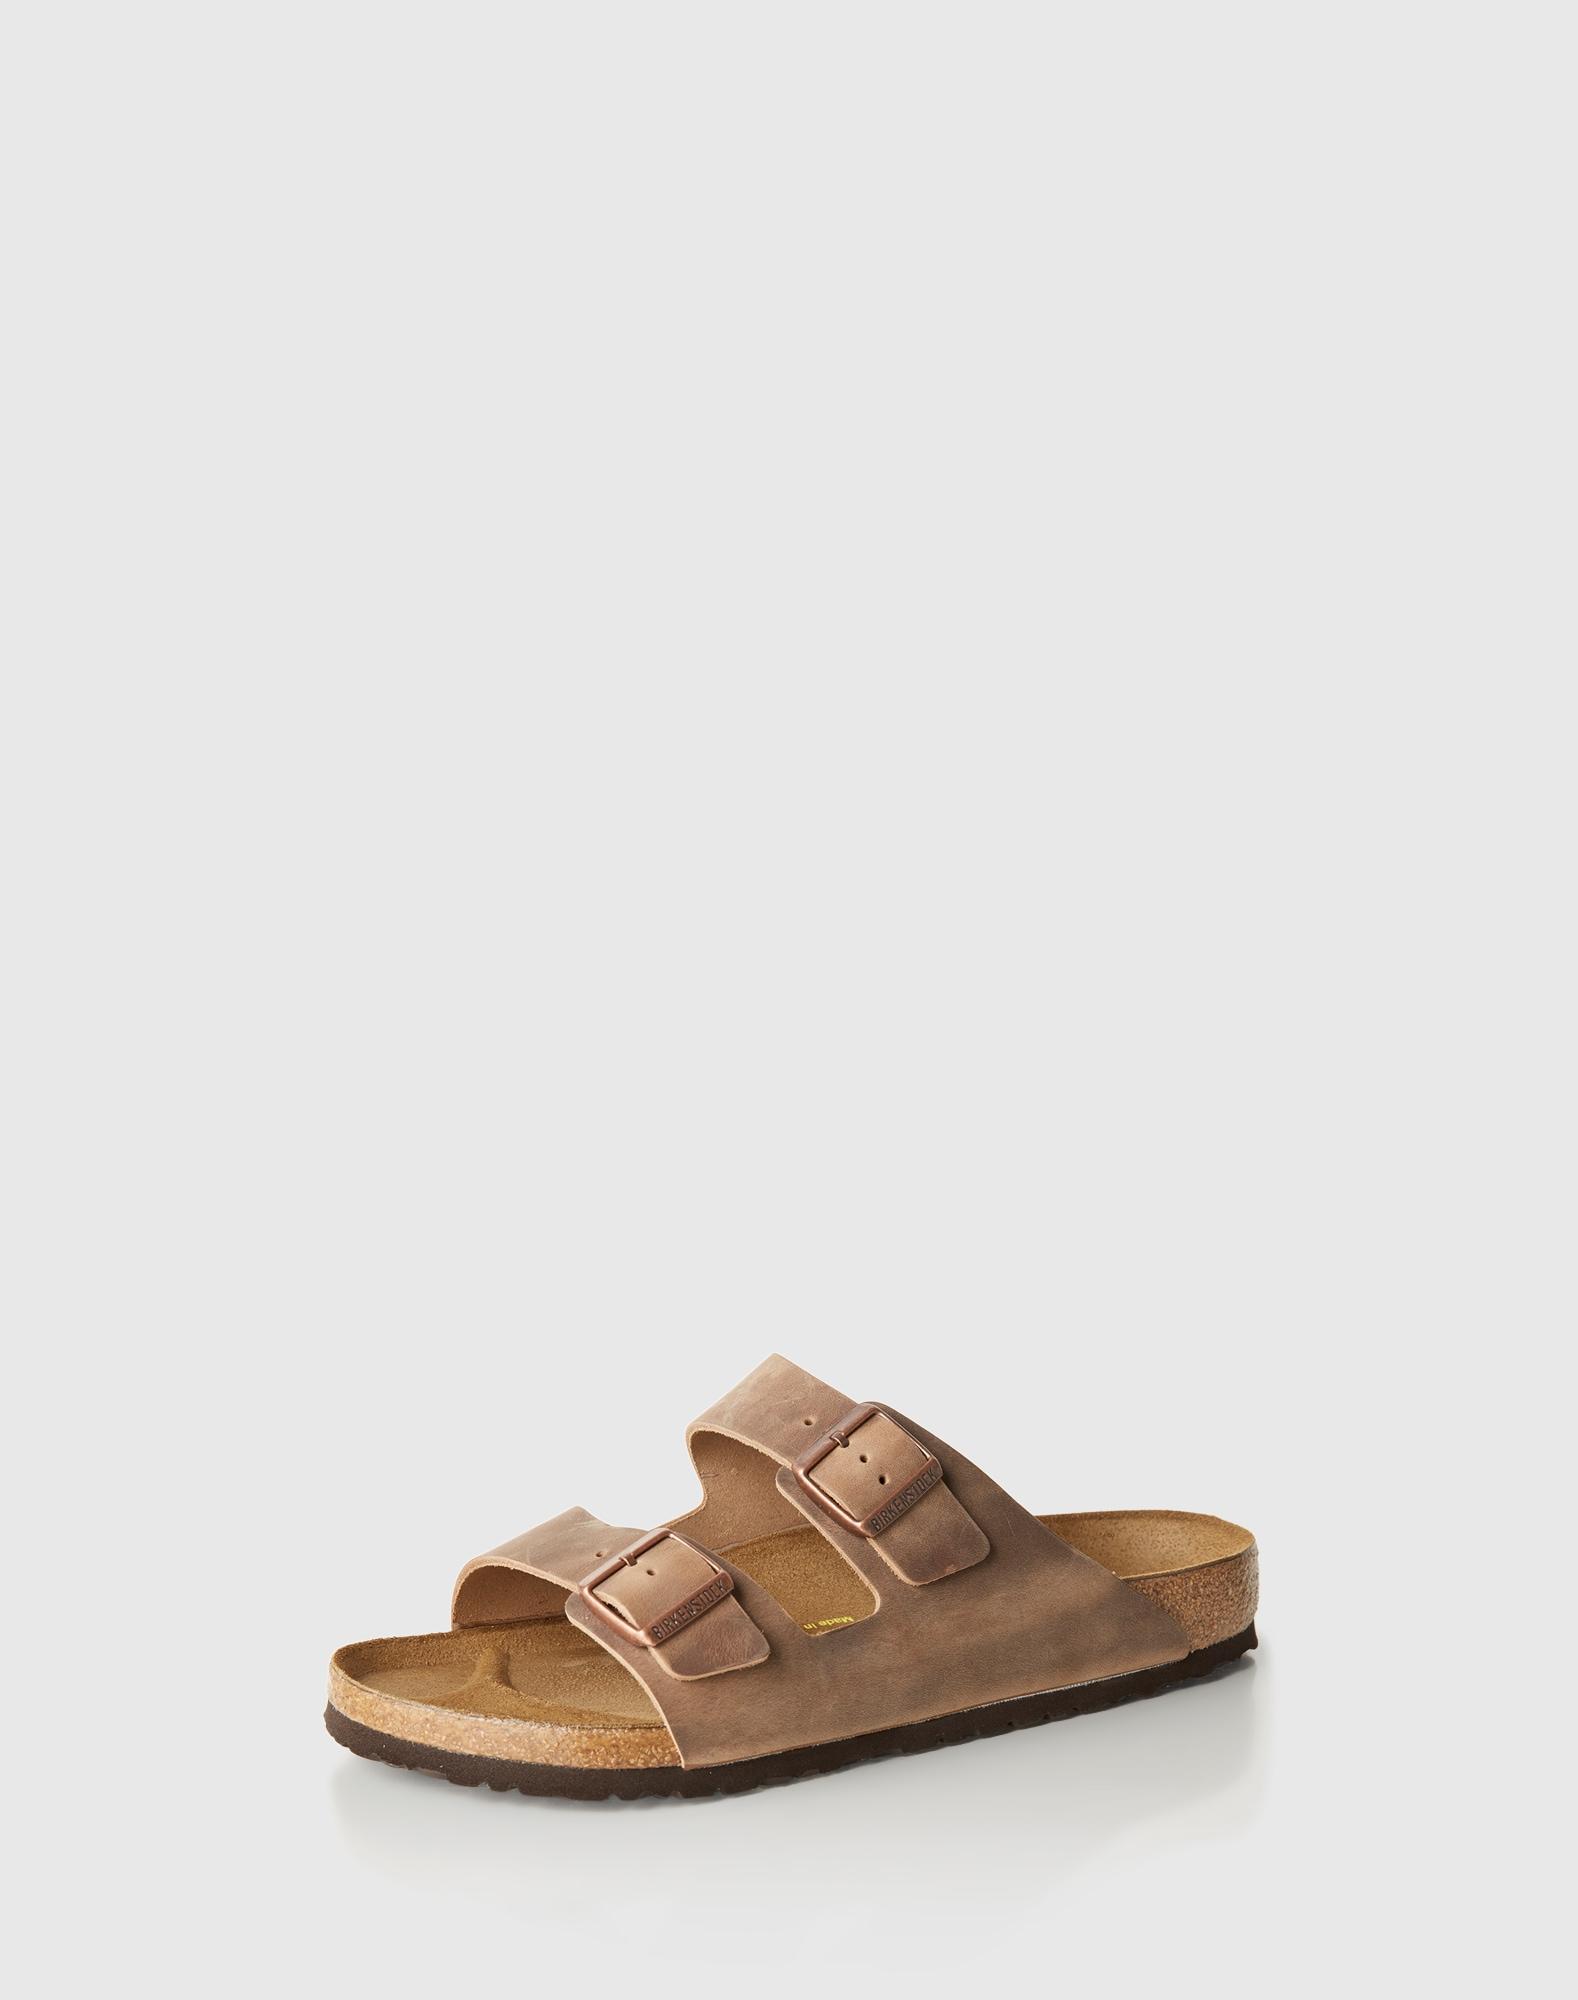 Birkenstock Sandalen: Must have für den Sommer ModeExpertise